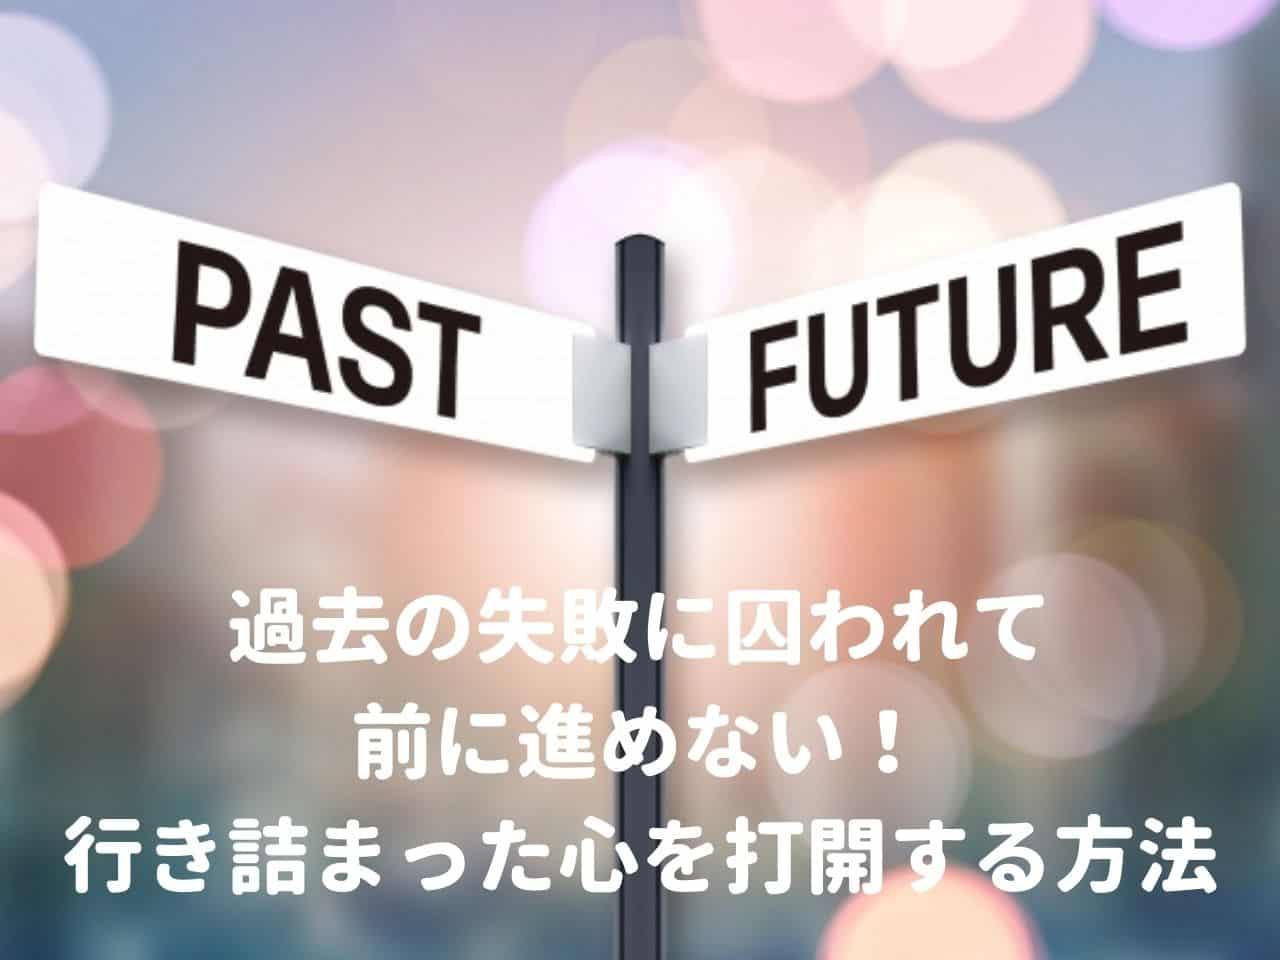 過去の失敗で前に進めず行き詰った心を打開する方法